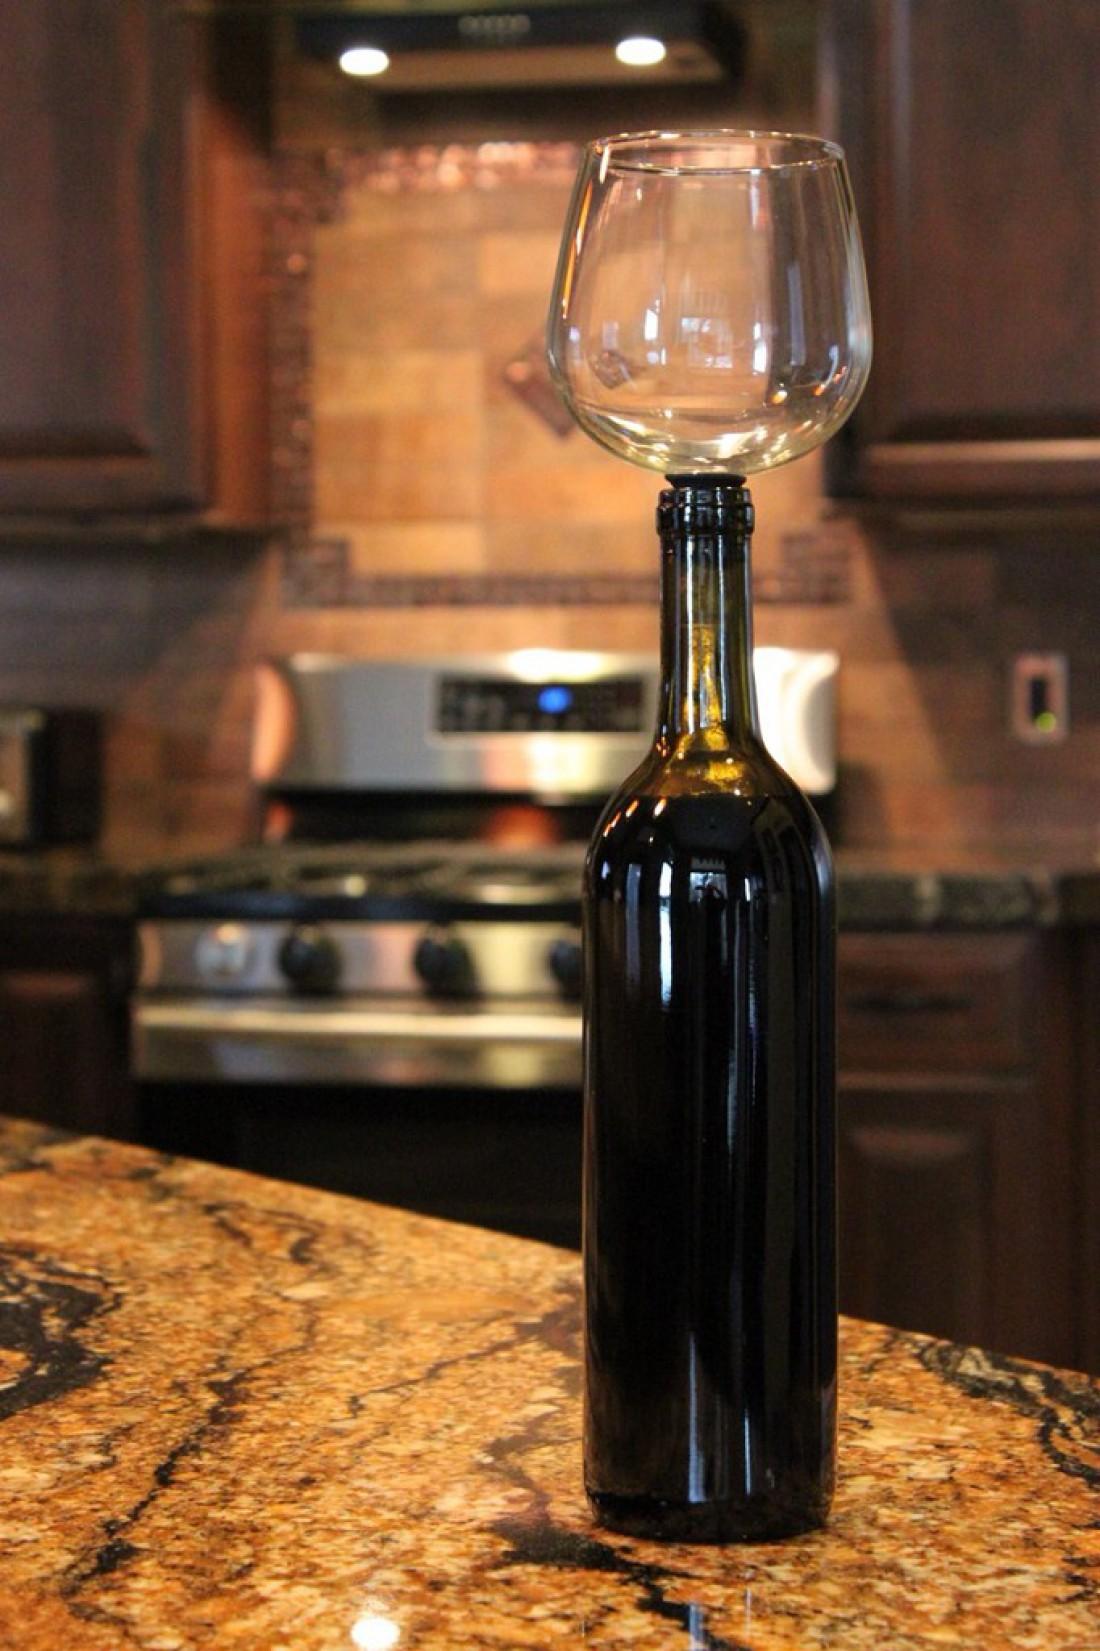 Как пить вино из бутылки — вкрути в горло правильный бокал